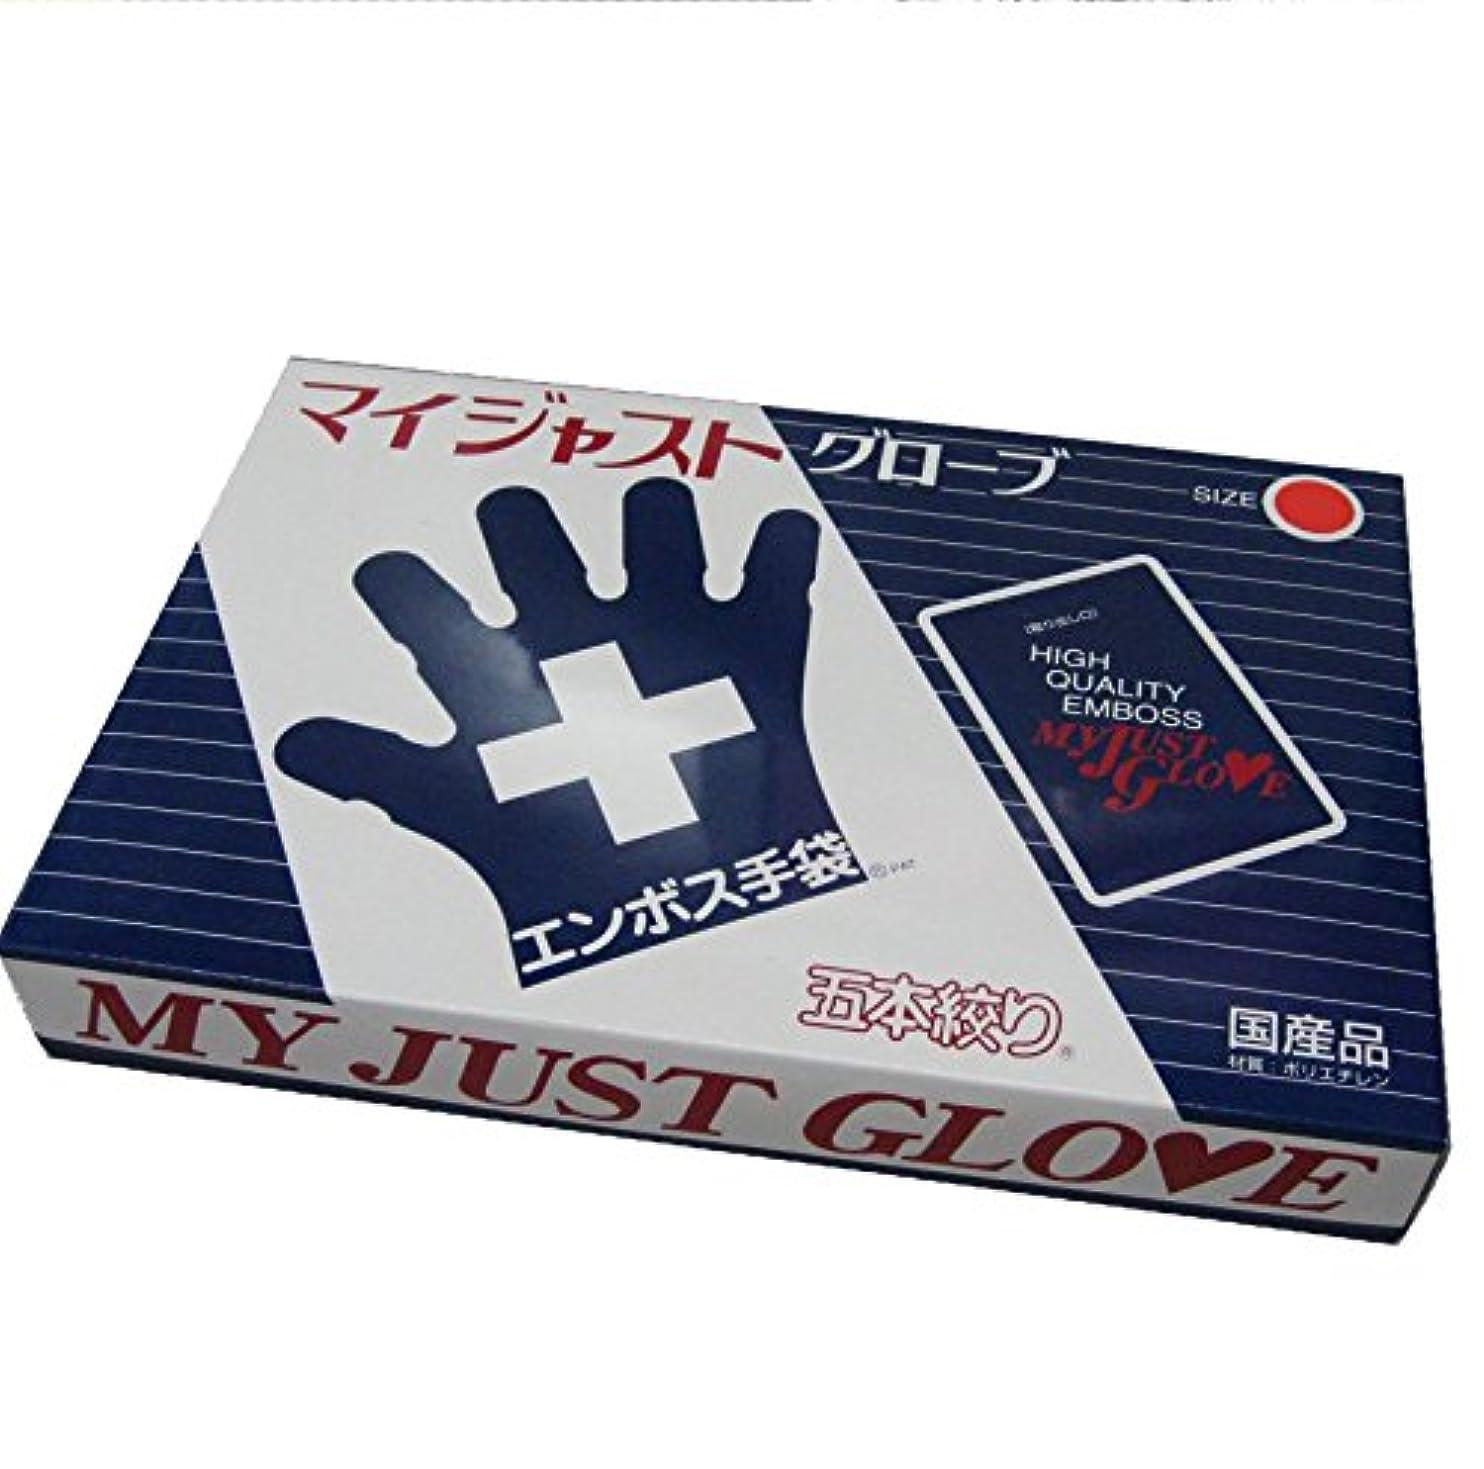 仕える言語なんでもエンボス手袋 マイジャストグローブ五本絞り 200枚入 Mサイズ 化粧箱